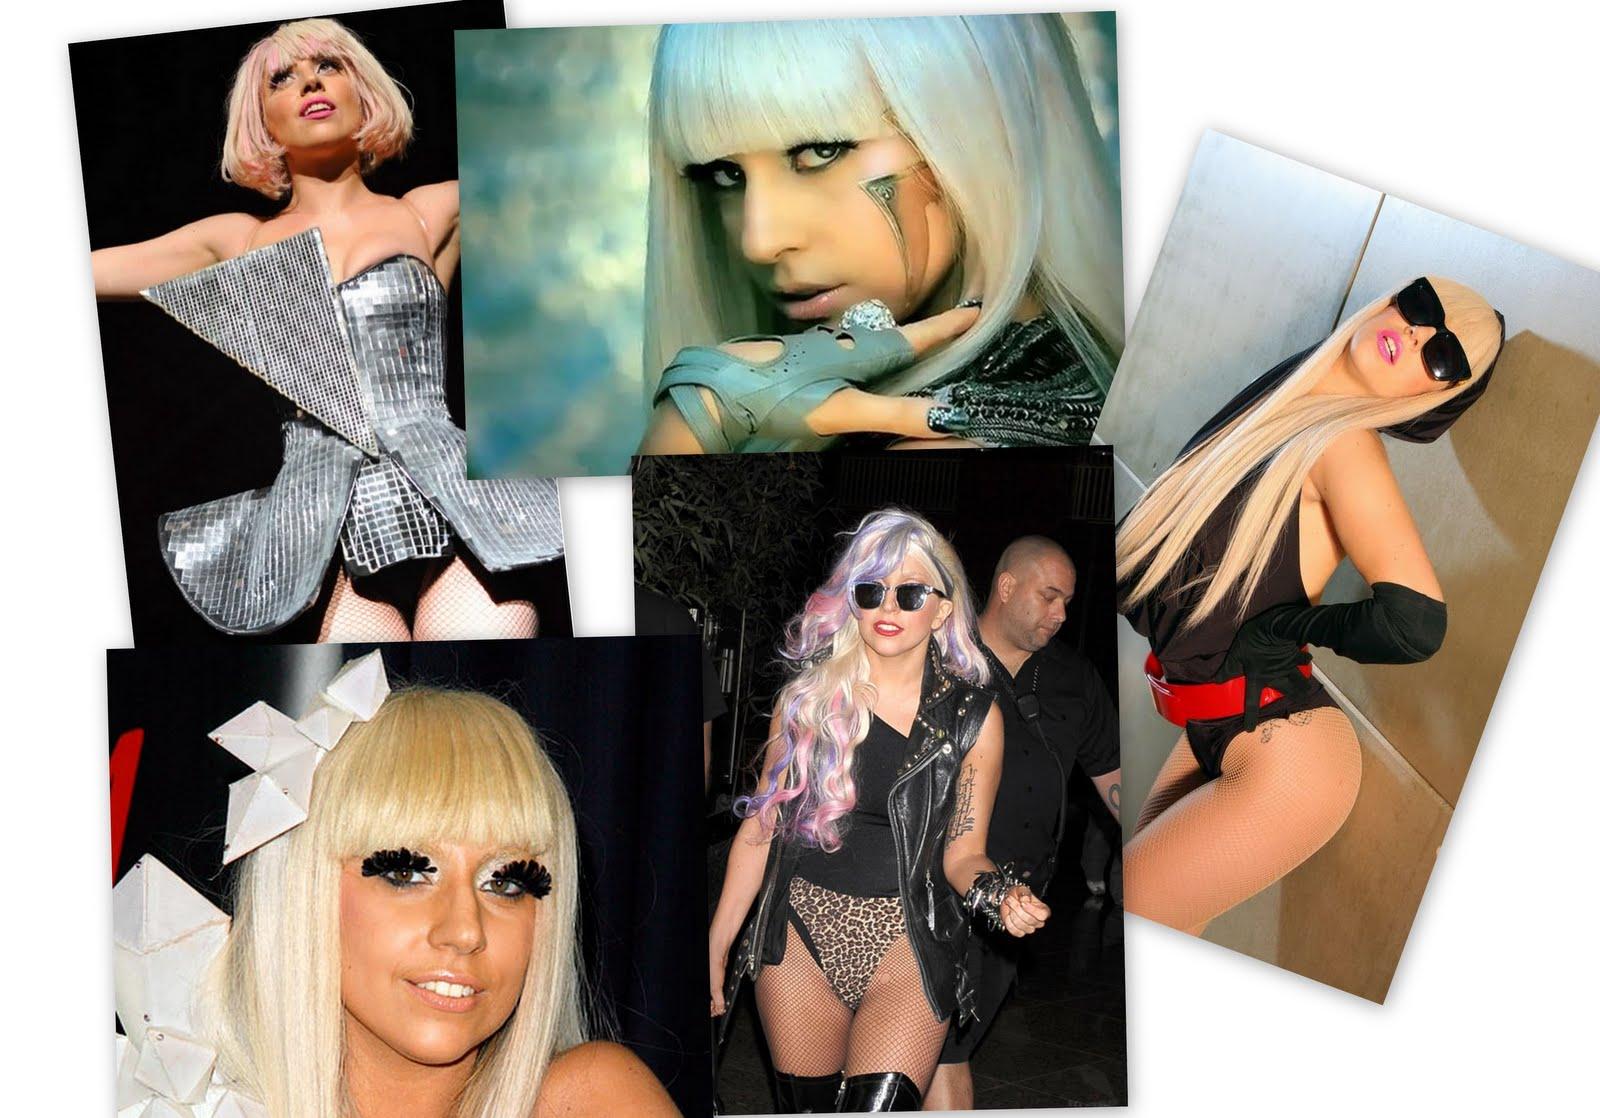 http://3.bp.blogspot.com/-1TTaZb1zKzk/UHLDq4iYFsI/AAAAAAAAFLU/IGnl1gatWyg/s1600/LADY+GAGA.jpg